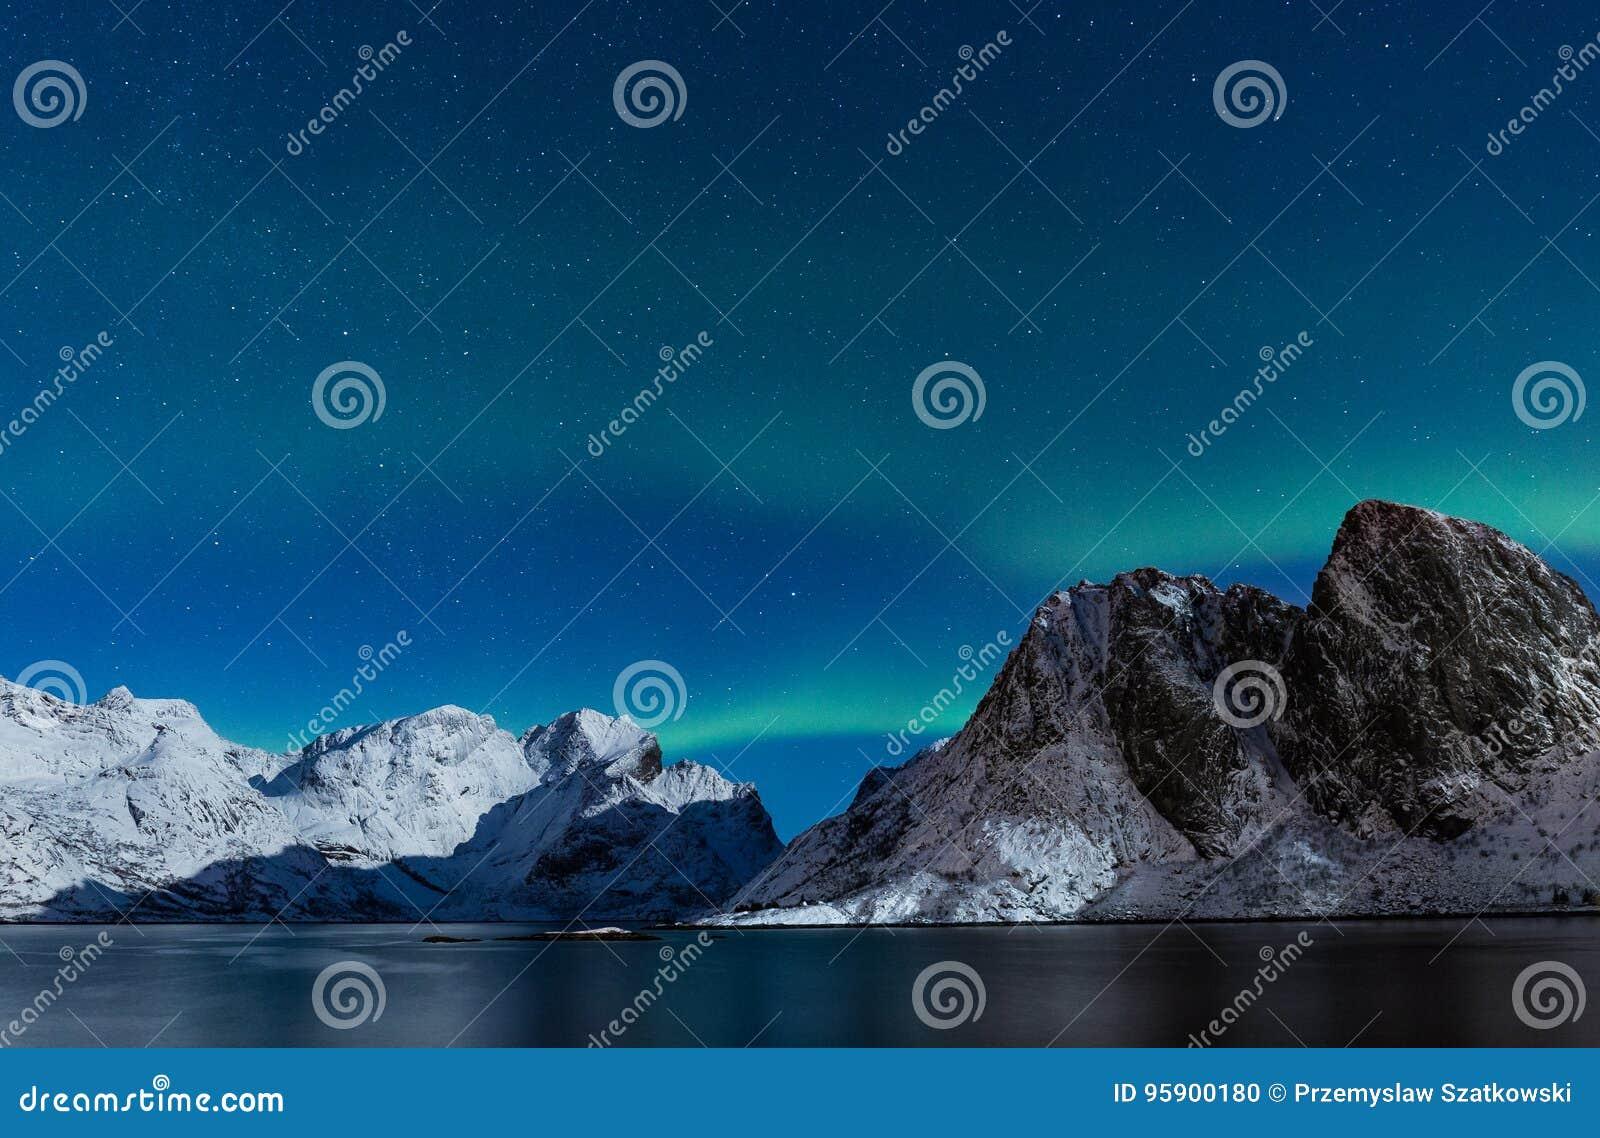 Gwiaździsty niebo z północnych świateł ofer stromymi skalistymi górami w żadny